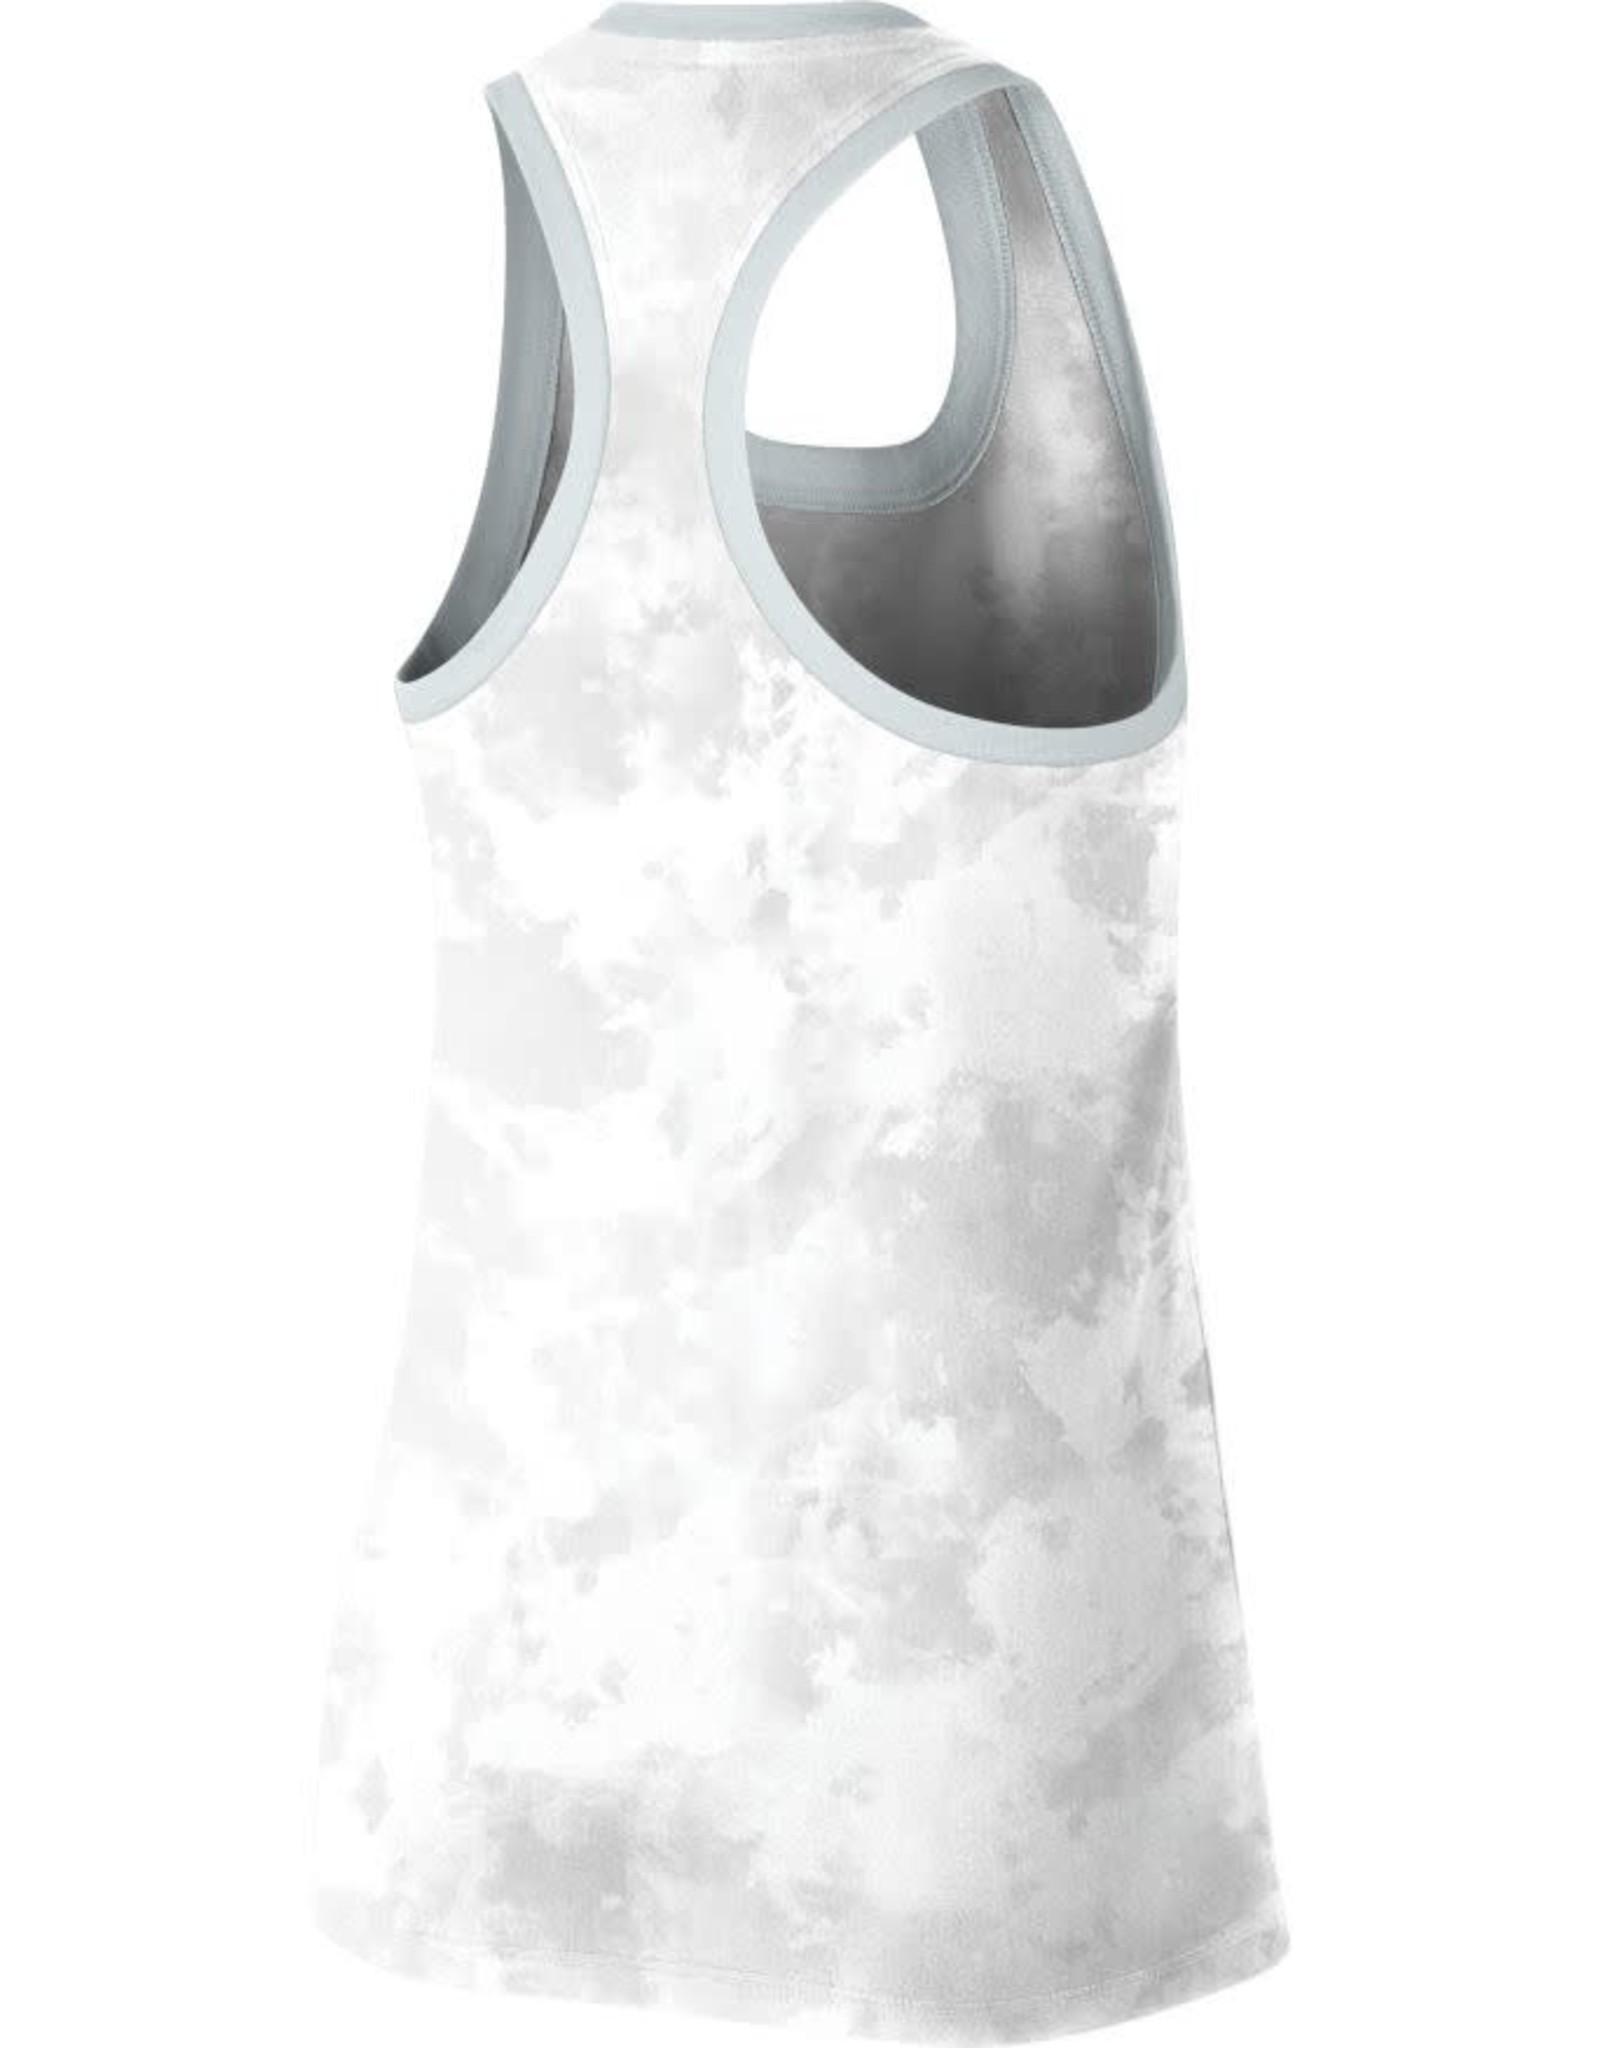 Nike Women's Nike OU White Marble Racerback AOP Tank